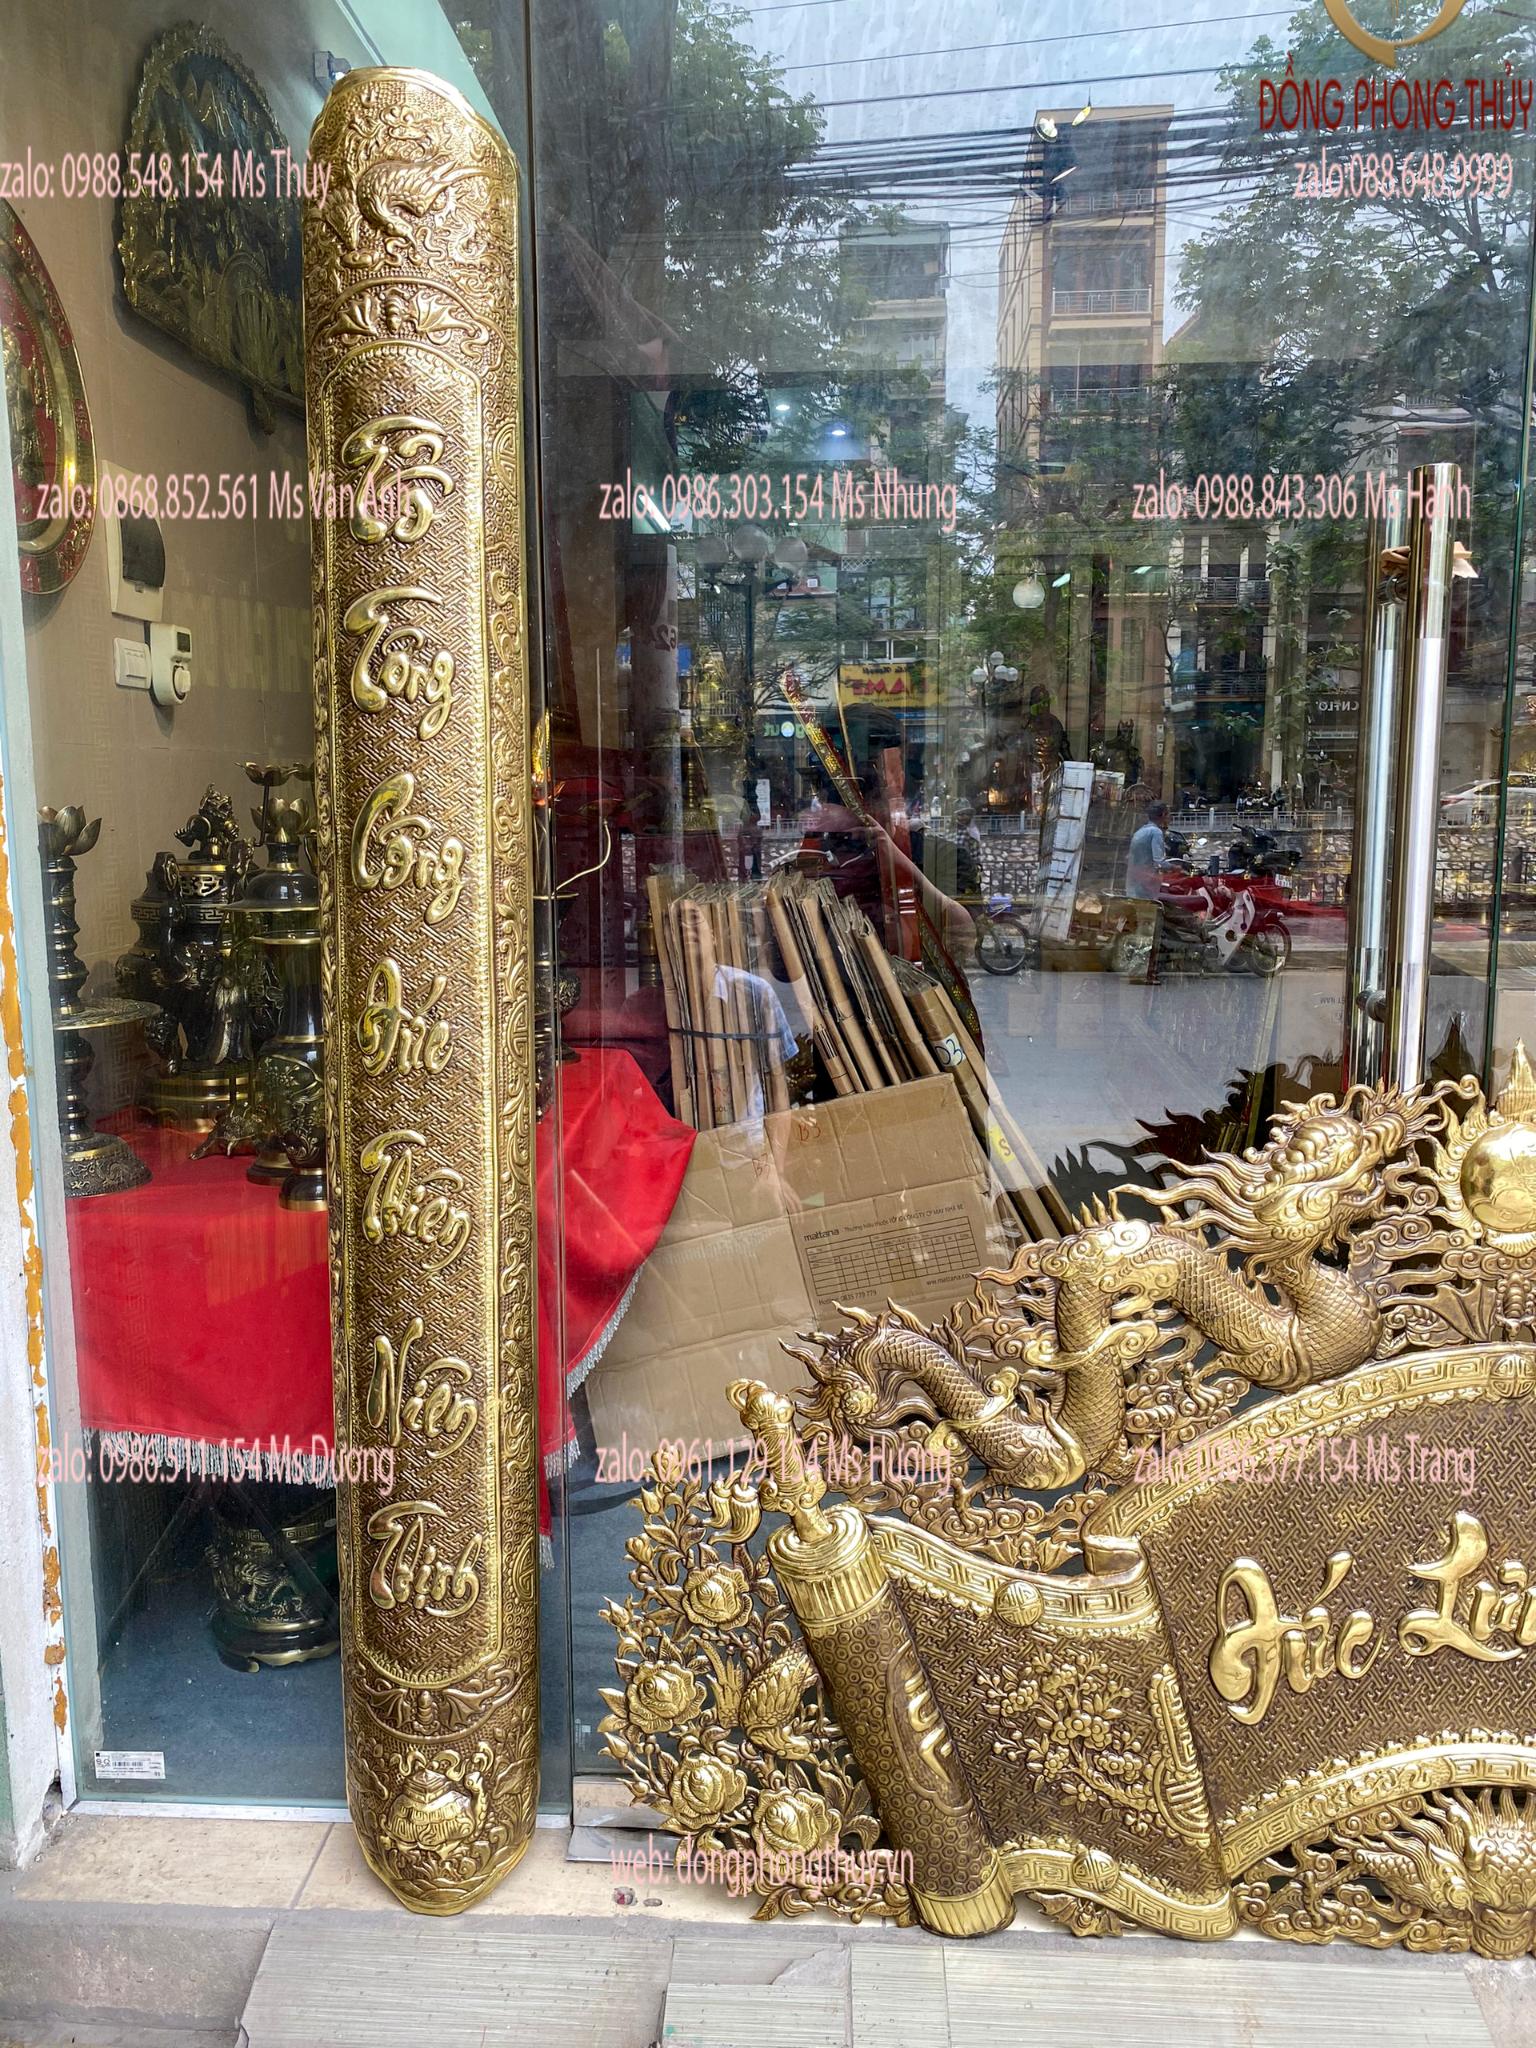 Cuốn thư câu đối 1m76 nặng 9,6kg chữ Việt thư pháp